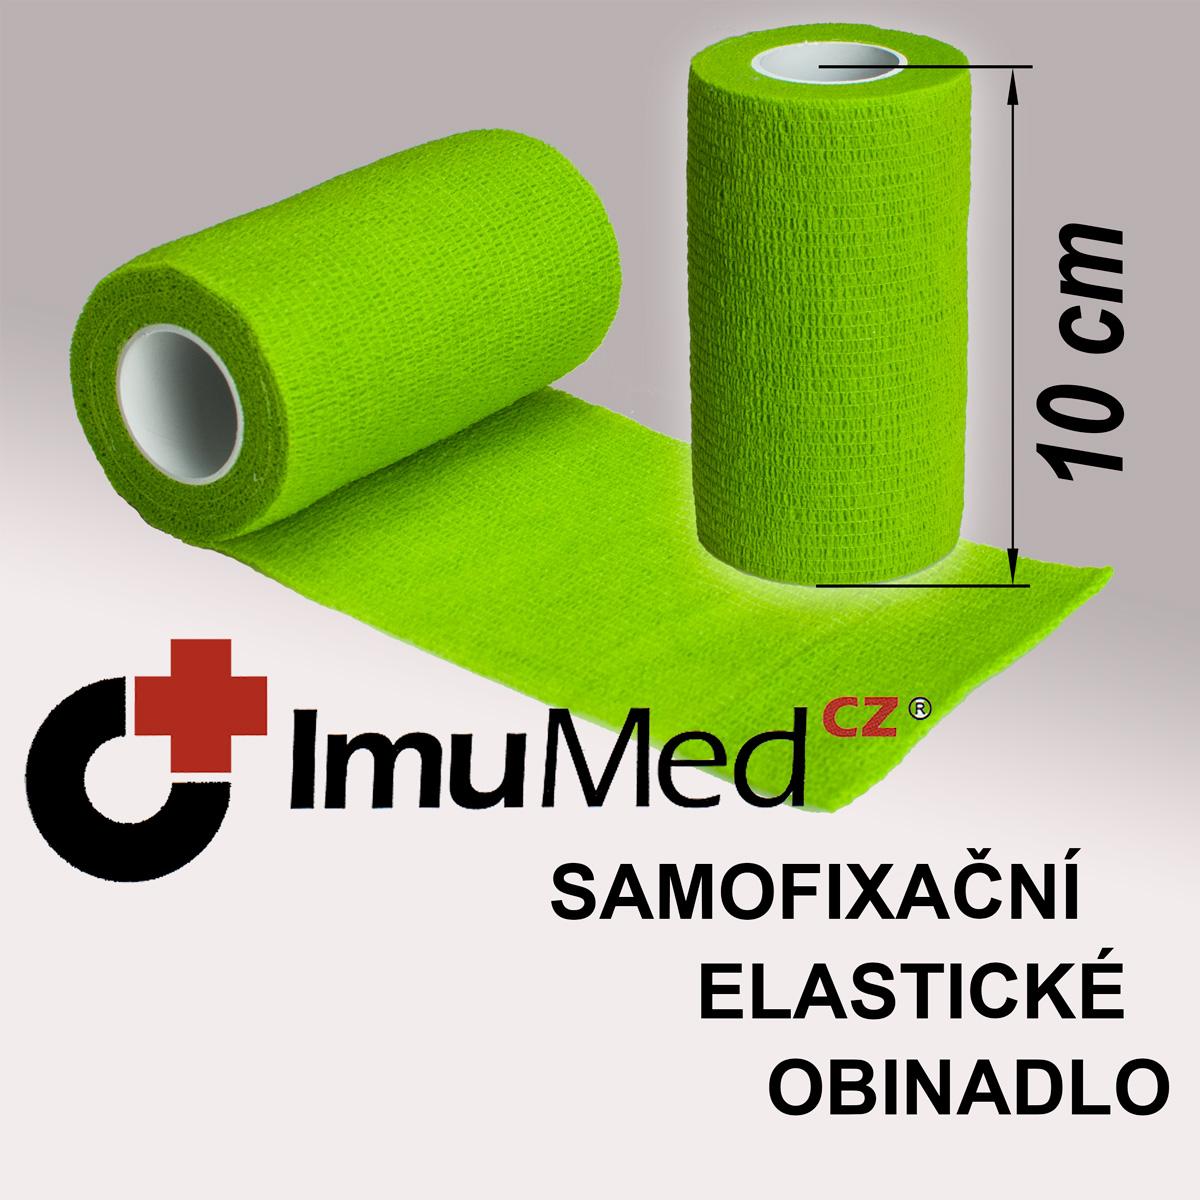 ImuMedCZ samofixační elastické obinadlo 10 cm x 4,5 m ZELENÁ barva ImuMedCZ samodržící elastické obinadlo 10 cm x 4,5 m ZELENÁ barva